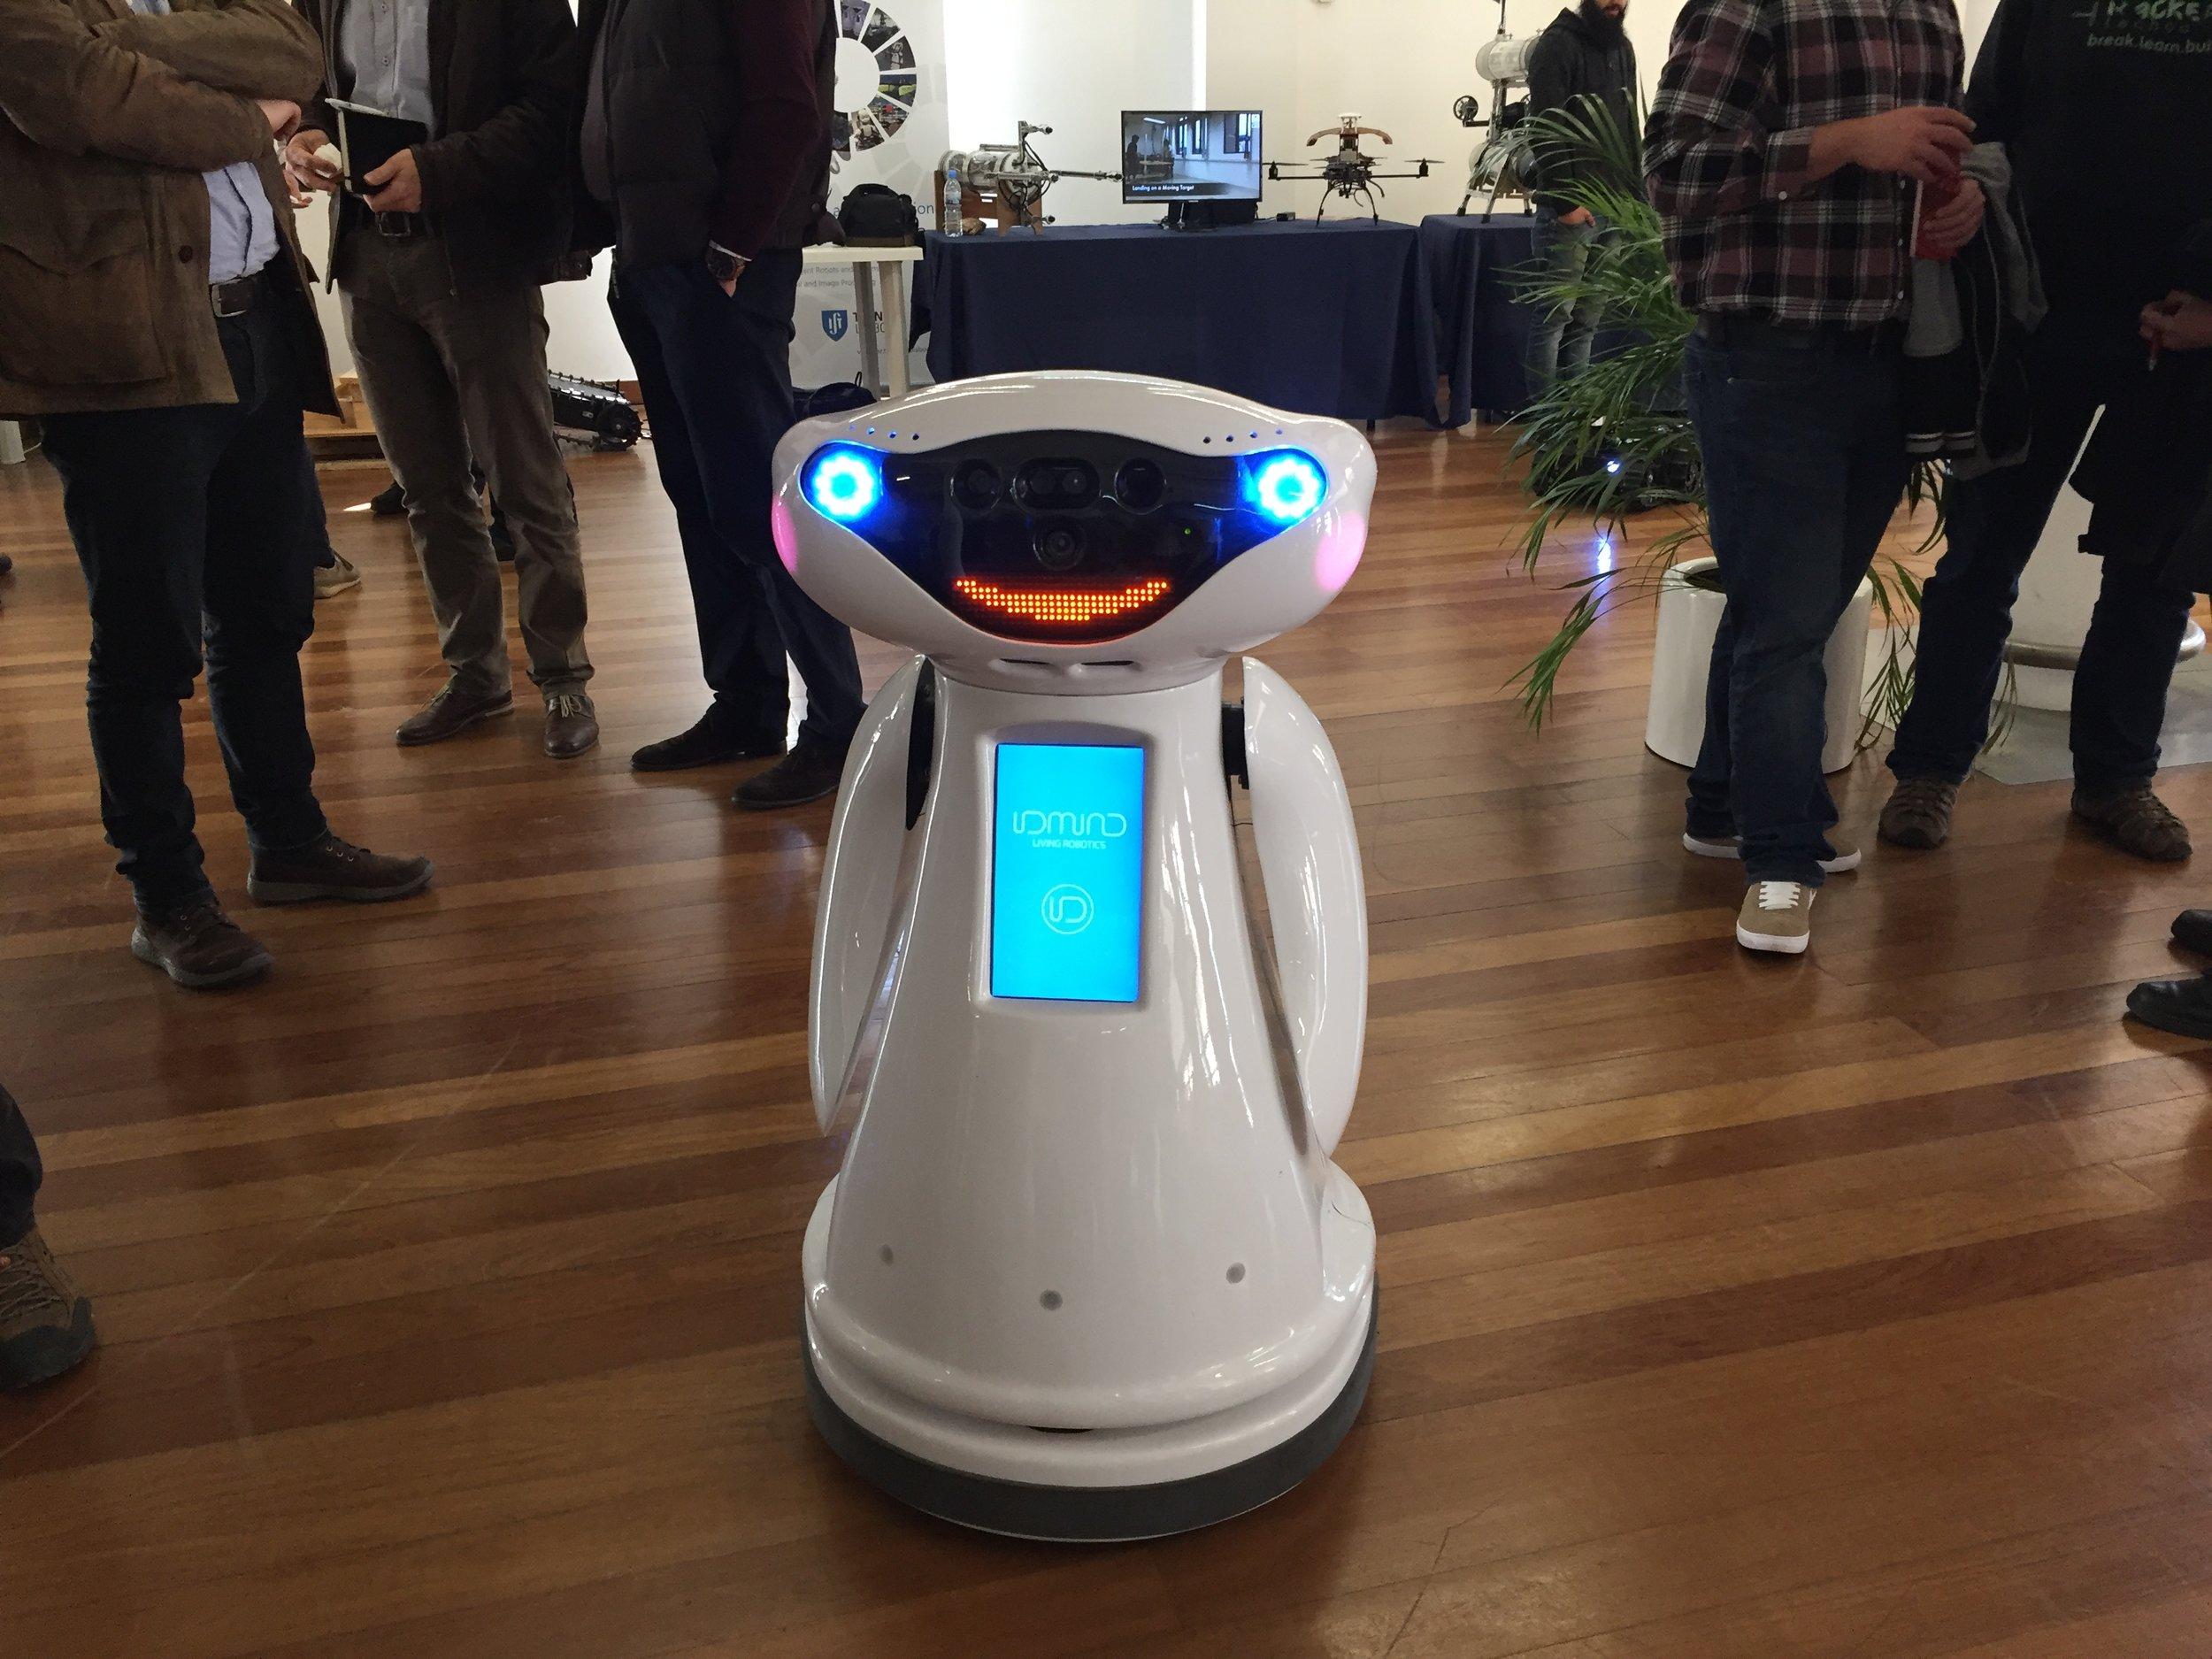 Robôs interagiram com os participantes